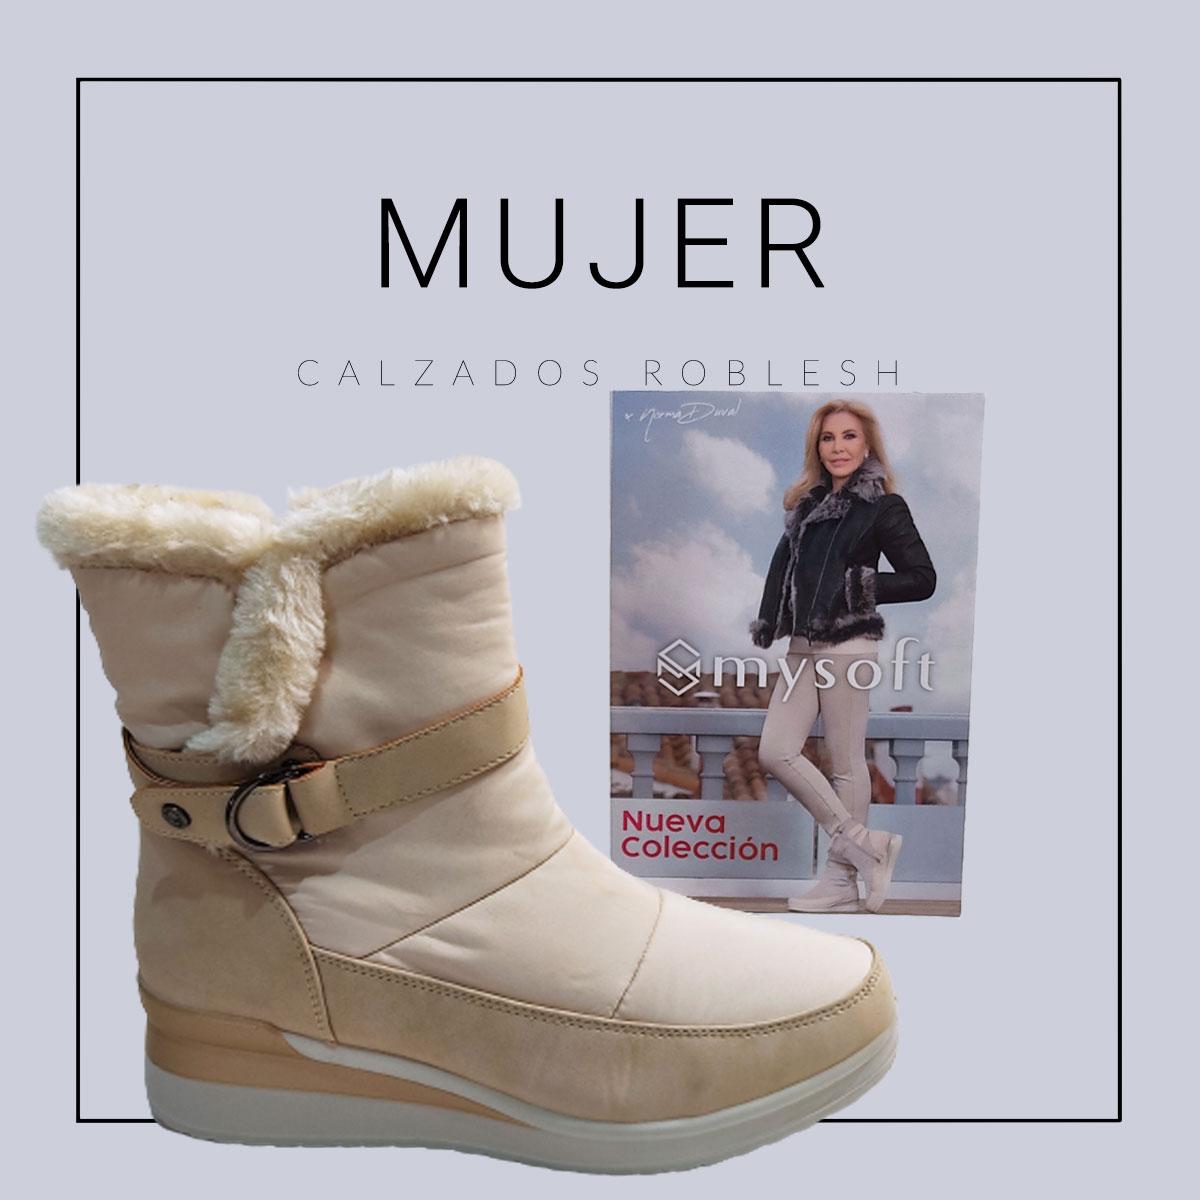 Zapatos de mujer otoño/invierno online de marcas de calidad en Calzados Roblesh